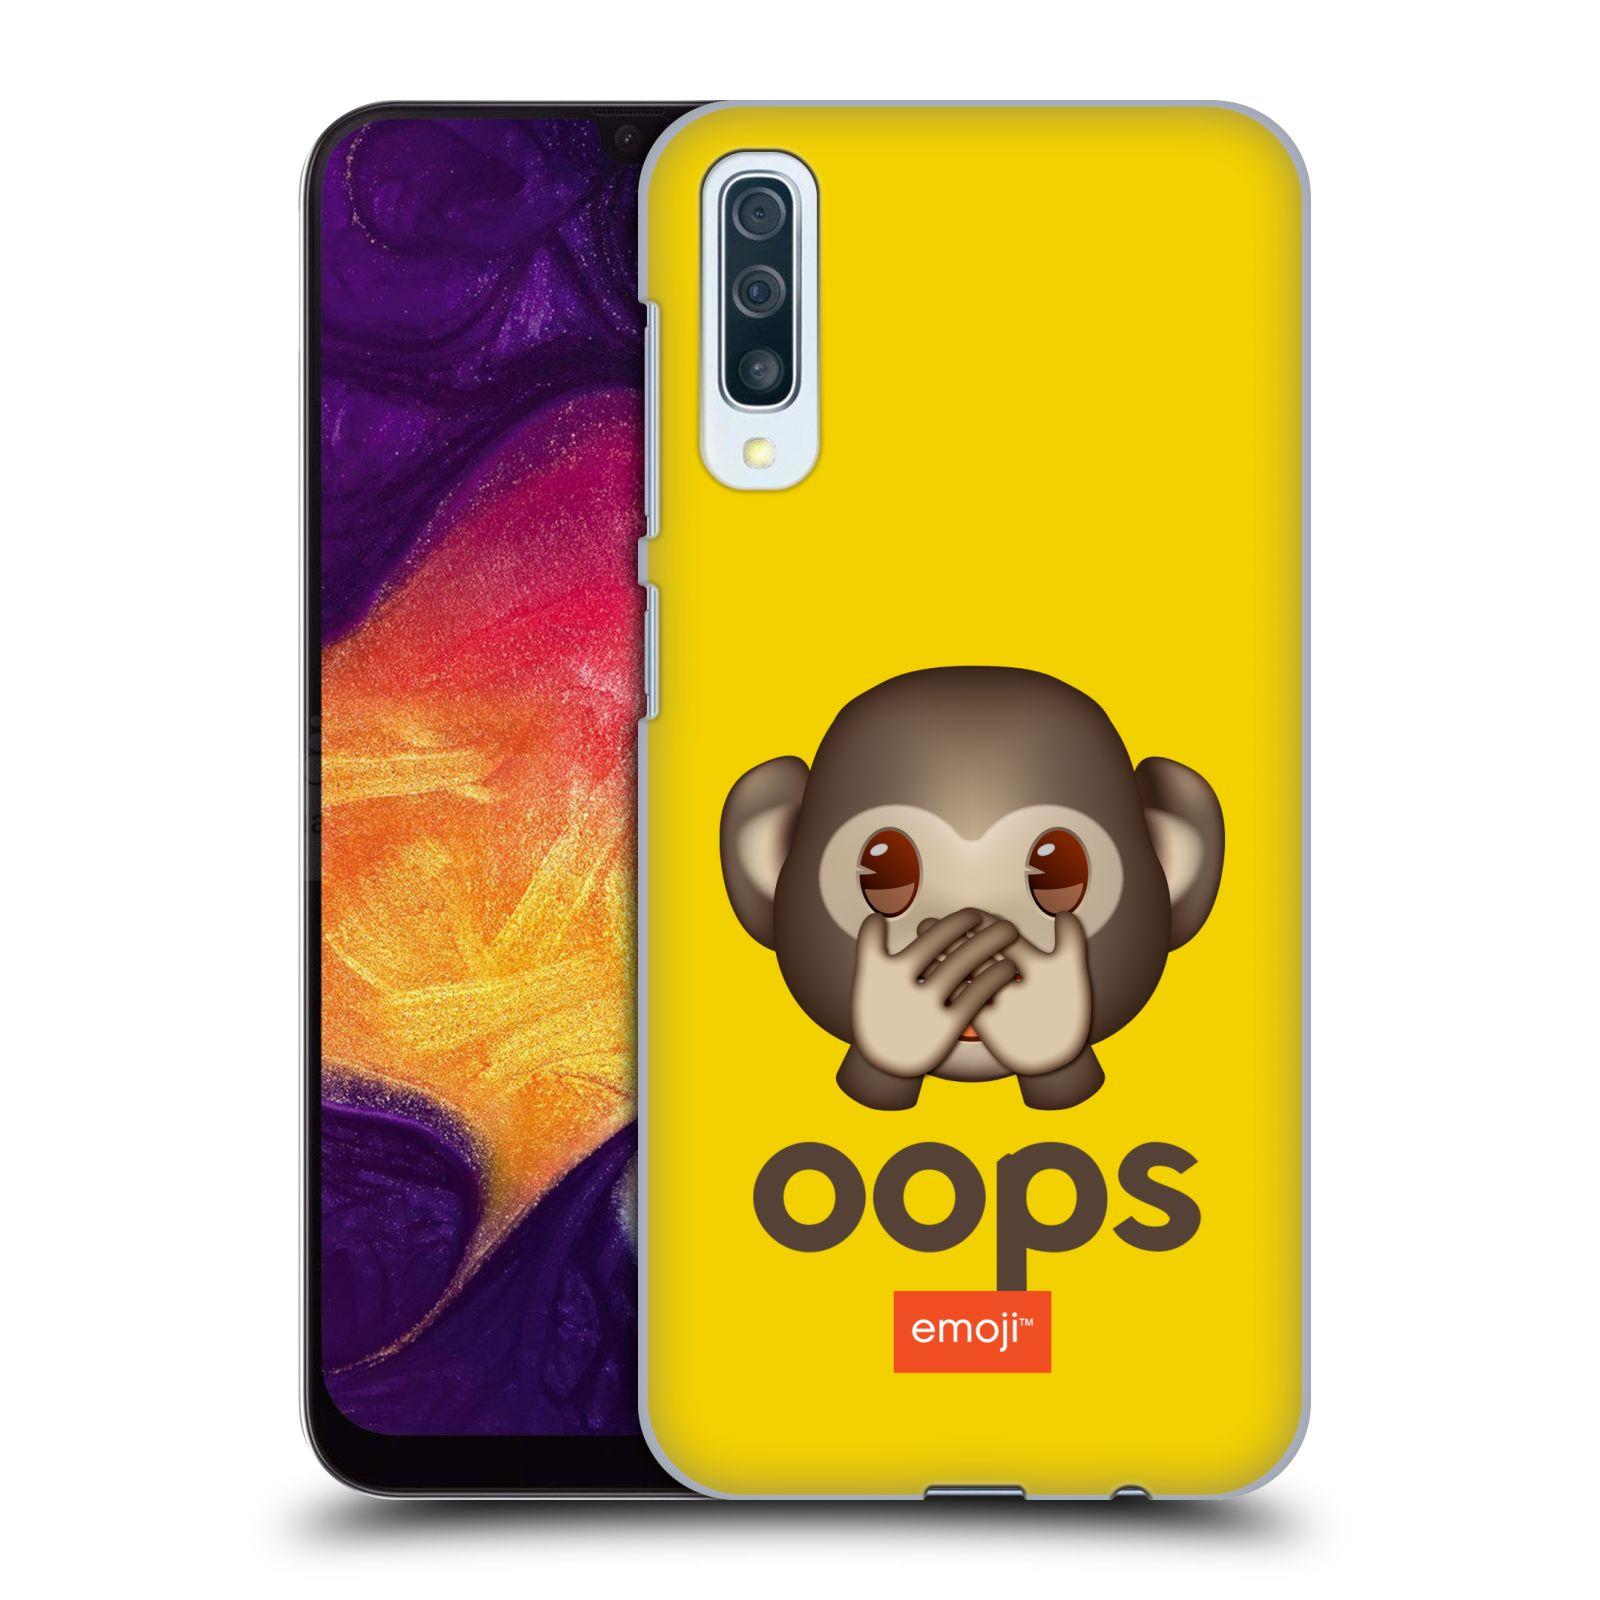 Plastové pouzdro na mobil Samsung Galaxy A50 / A30s - Head Case - EMOJI - Opička OOPS